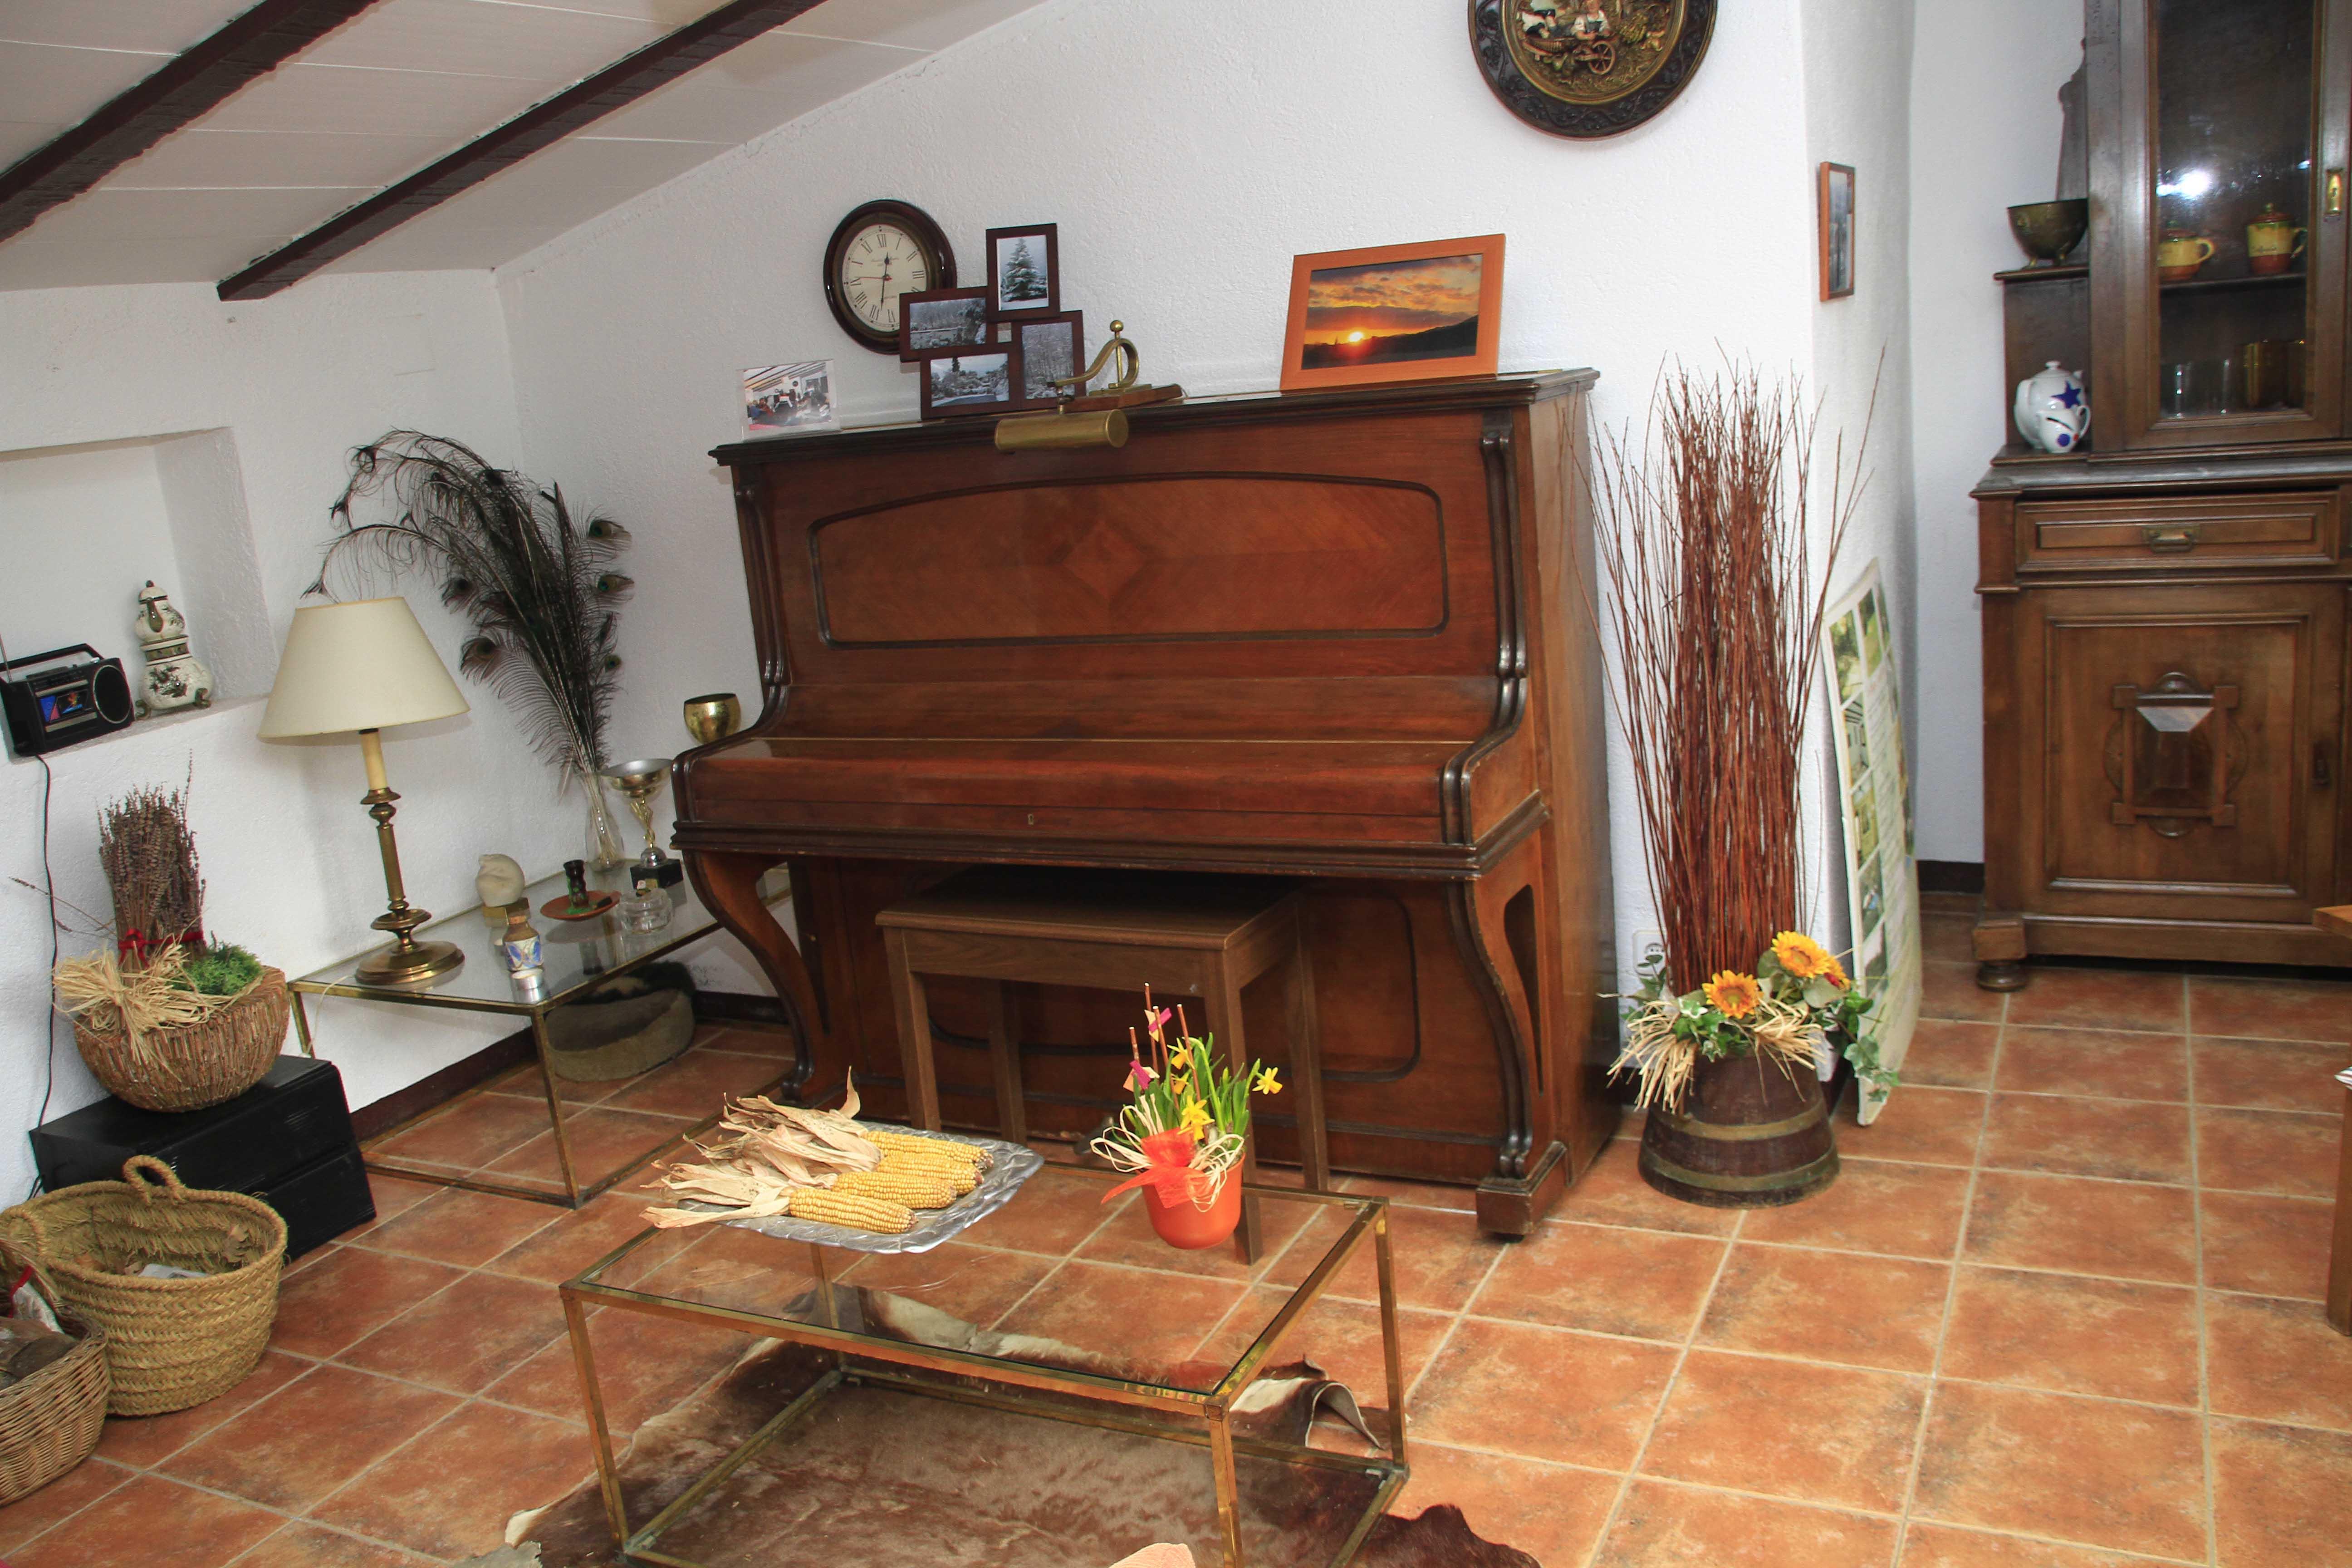 Turisme-rural-Les-Oliveres-Manel-Cuesta-1